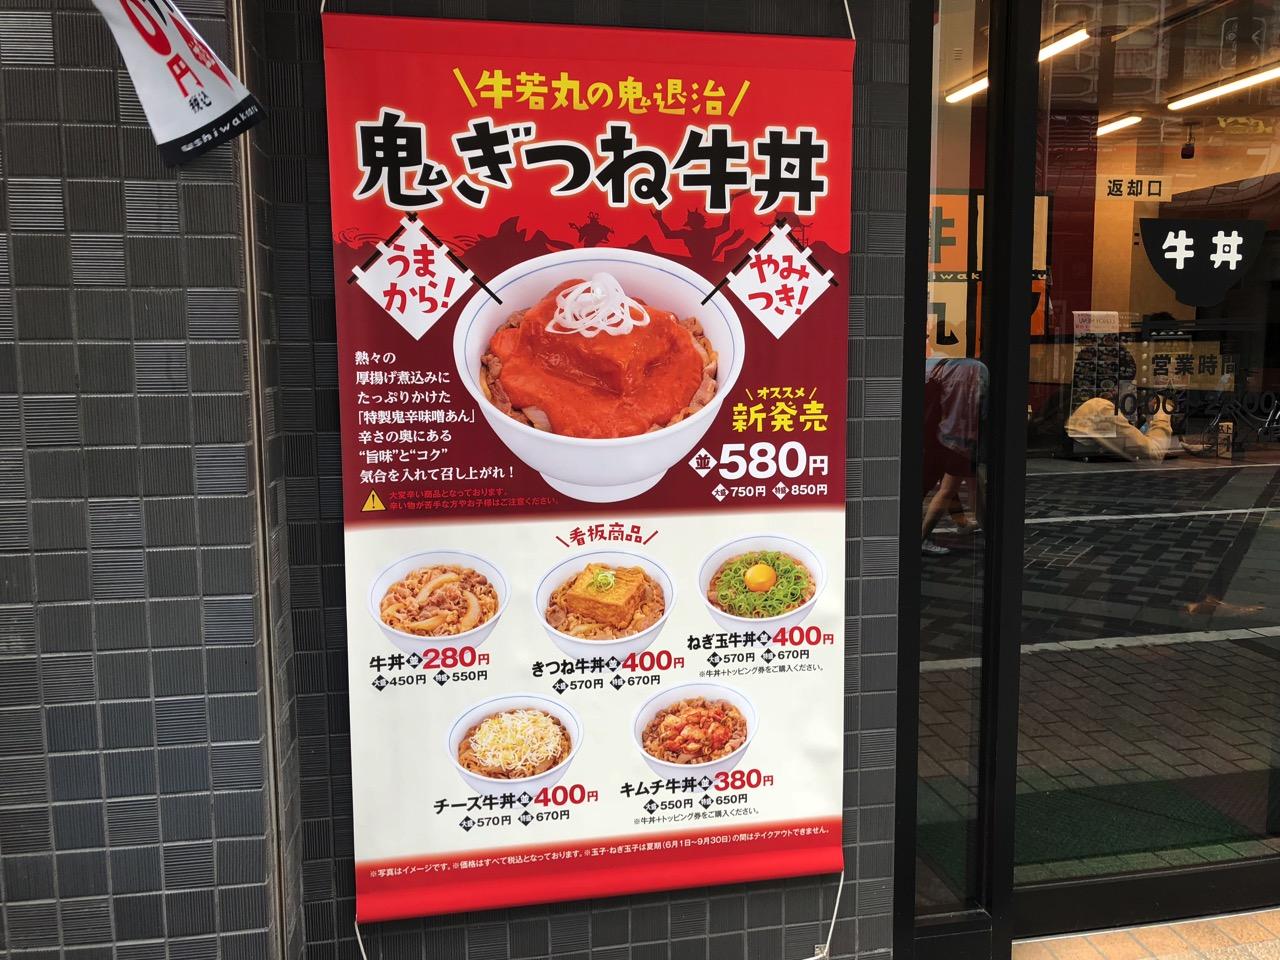 牛丼 牛若丸(池袋) 鬼ぎつね丼 02